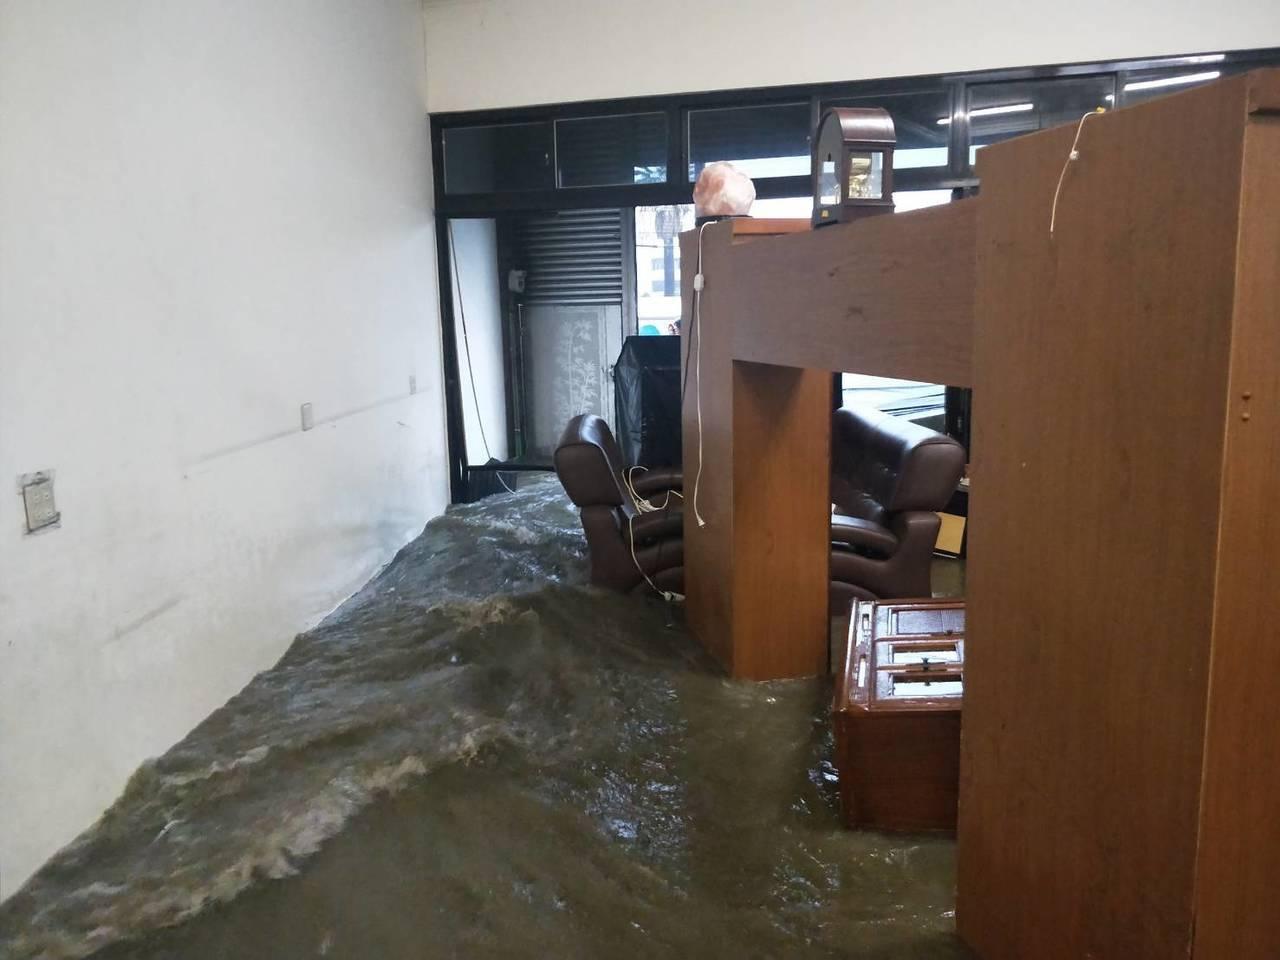 台中市消防局今天到大甲區民宅內,救出受困3人。圖/台中市消防局提供